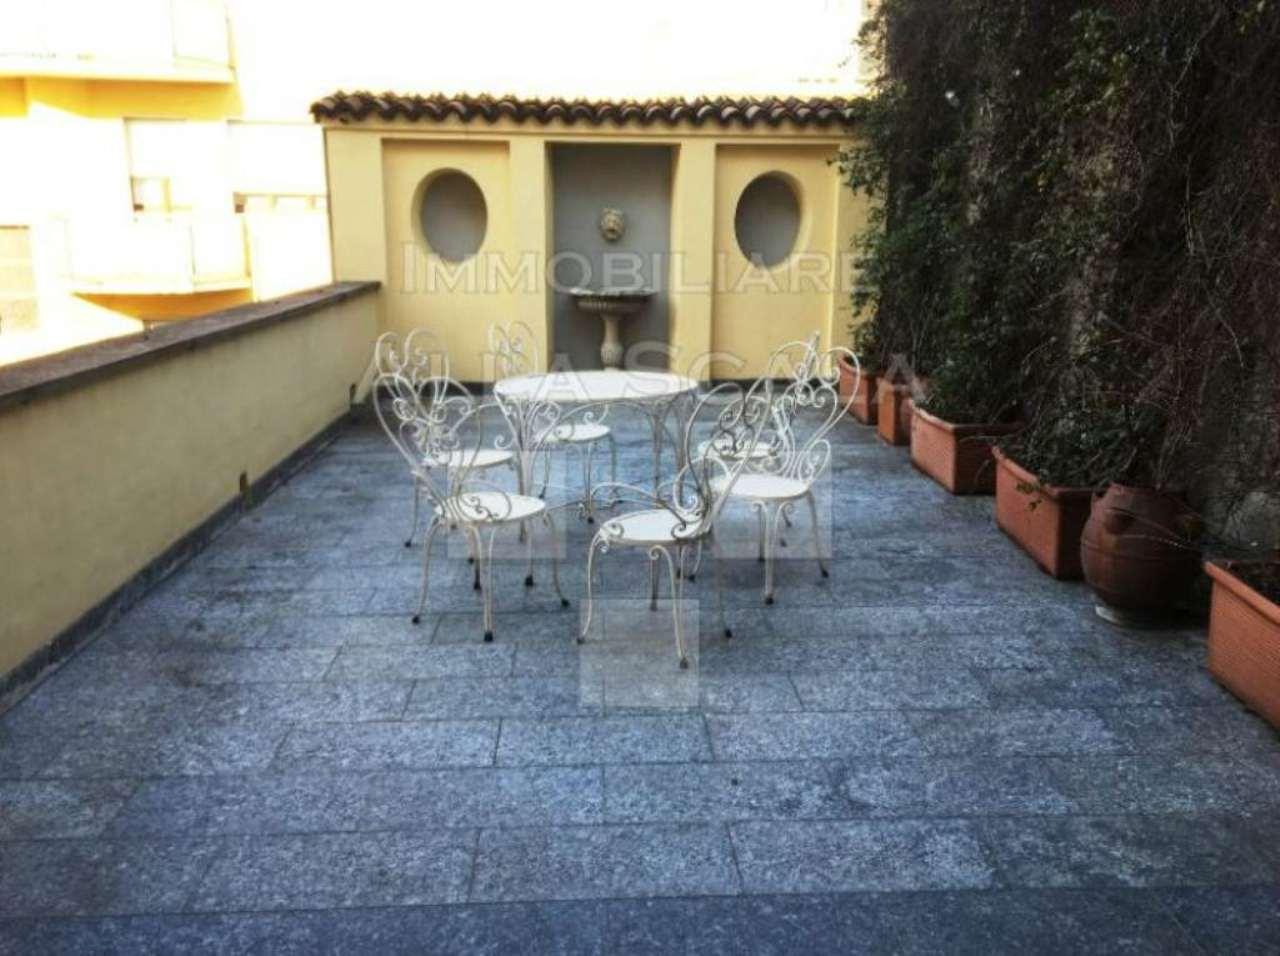 Appartamento in Affitto a Milano 01 Centro storico (Cerchia dei Navigli): 4 locali, 230 mq